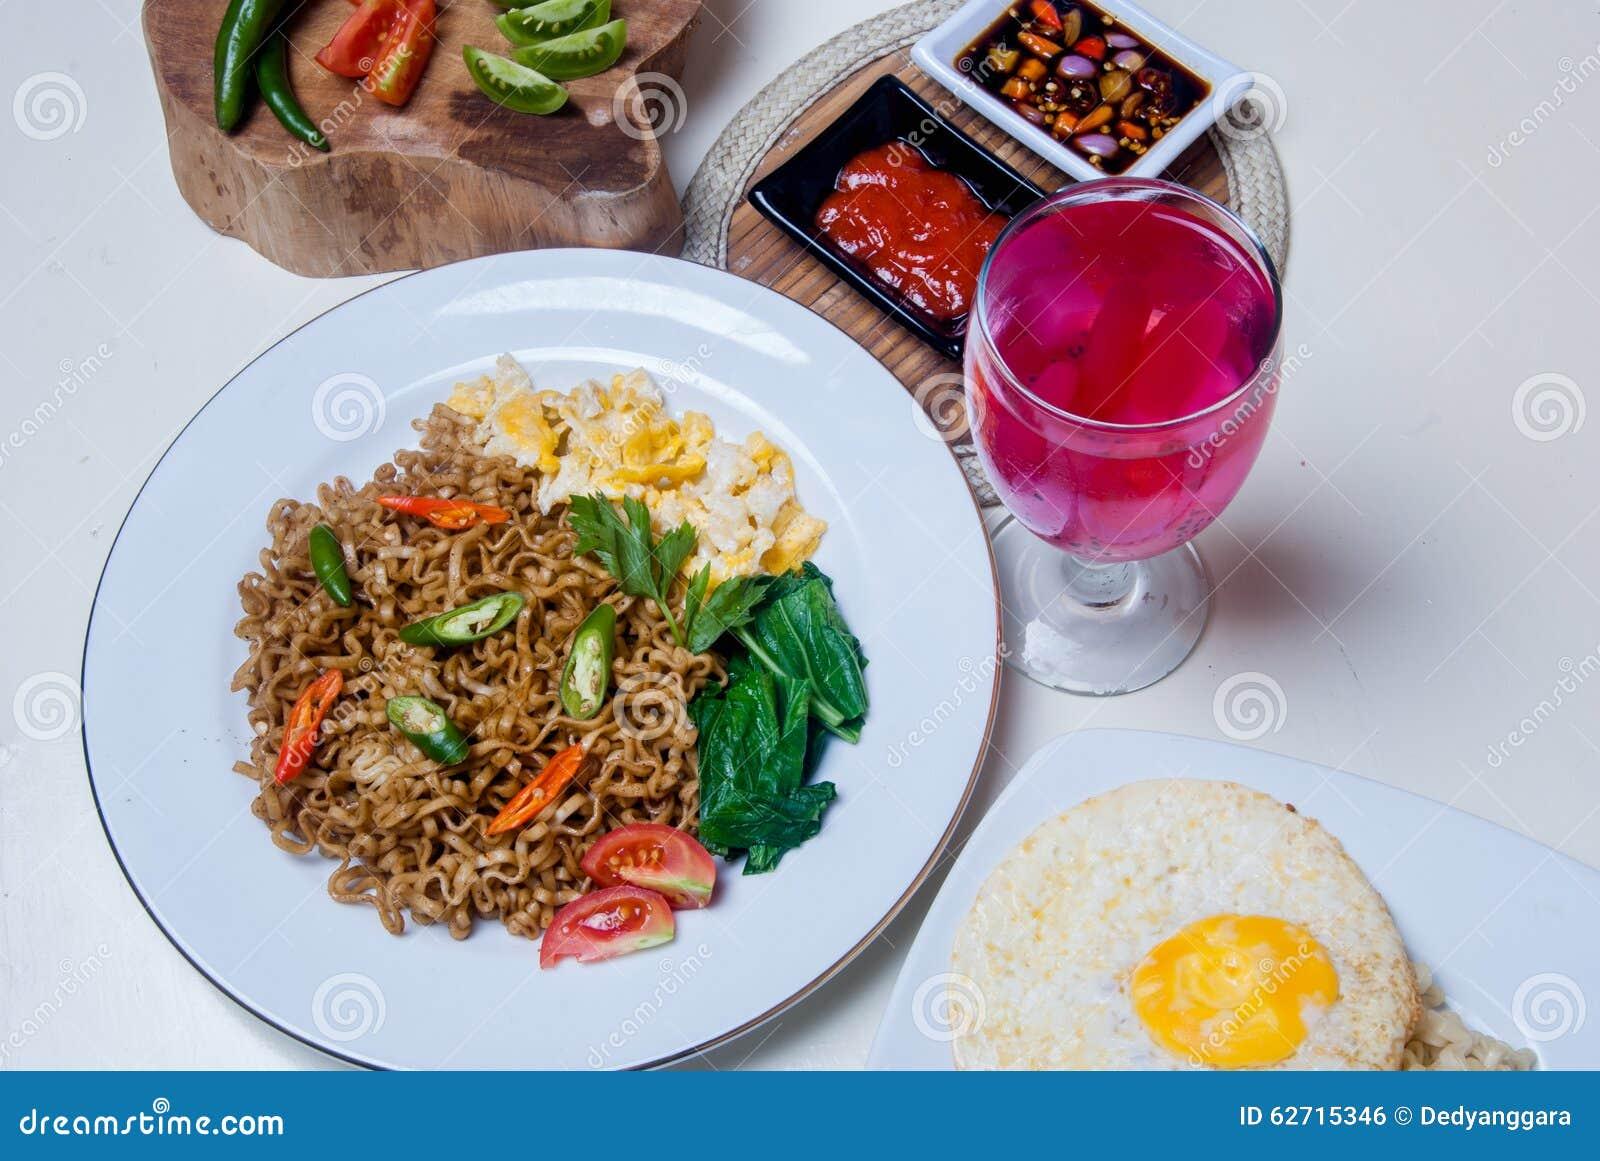 Στιγμιαία νουντλς με τα ασιατικά γούστα υπάρχουν αυγά και ποτά